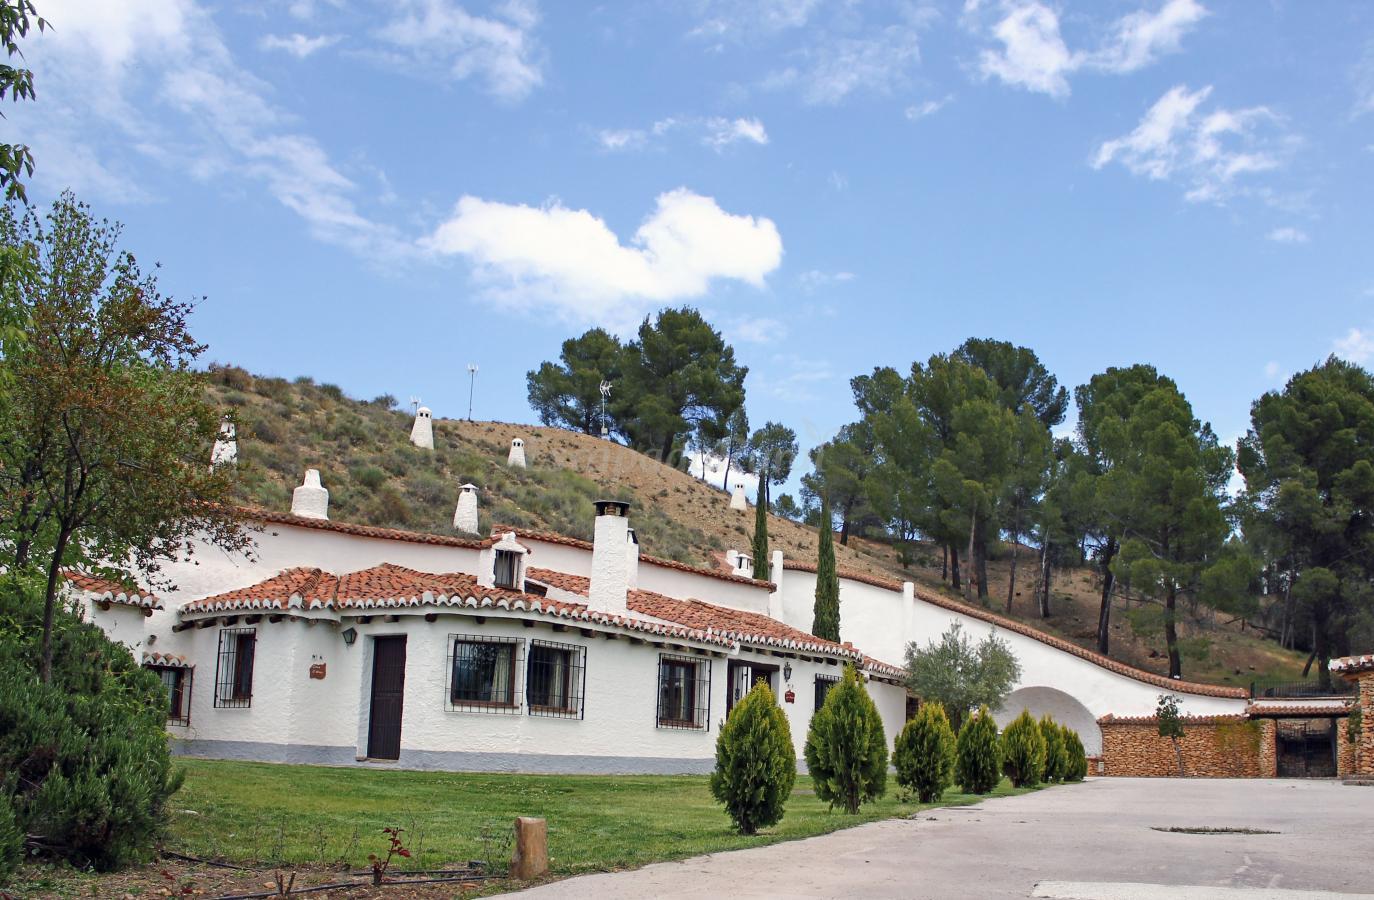 Fotos de cuevas t o tobas casa rural en alcudia de guadix granada - Casa rural guadix granada ...